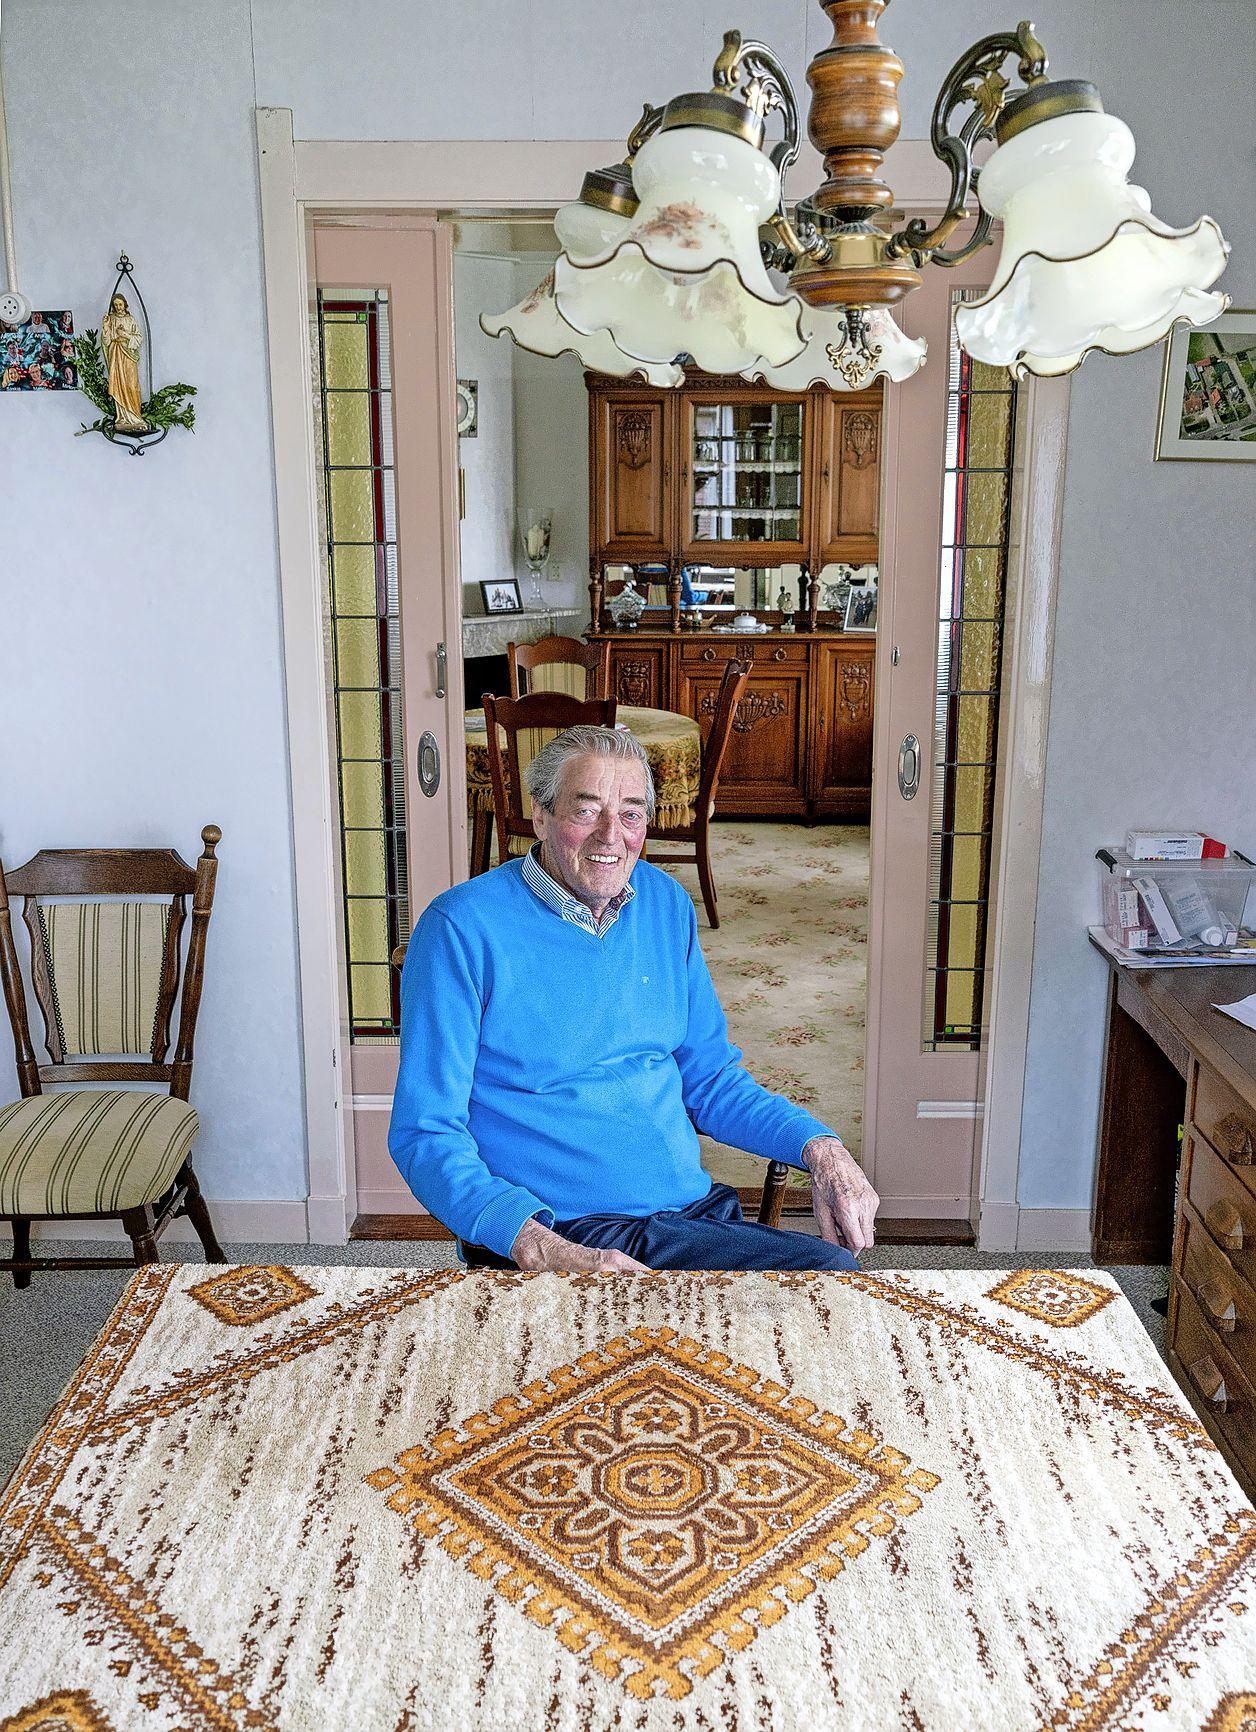 'Ik heb een mooi vrij leven gehad'. Pé Overtoom woont al 75 jaar in zijn ouderlijk huis en wilde nooit weg. 'Ik was wel op zoek naar een vrouw, maar het lukte niet', zegt hij schouderophalend